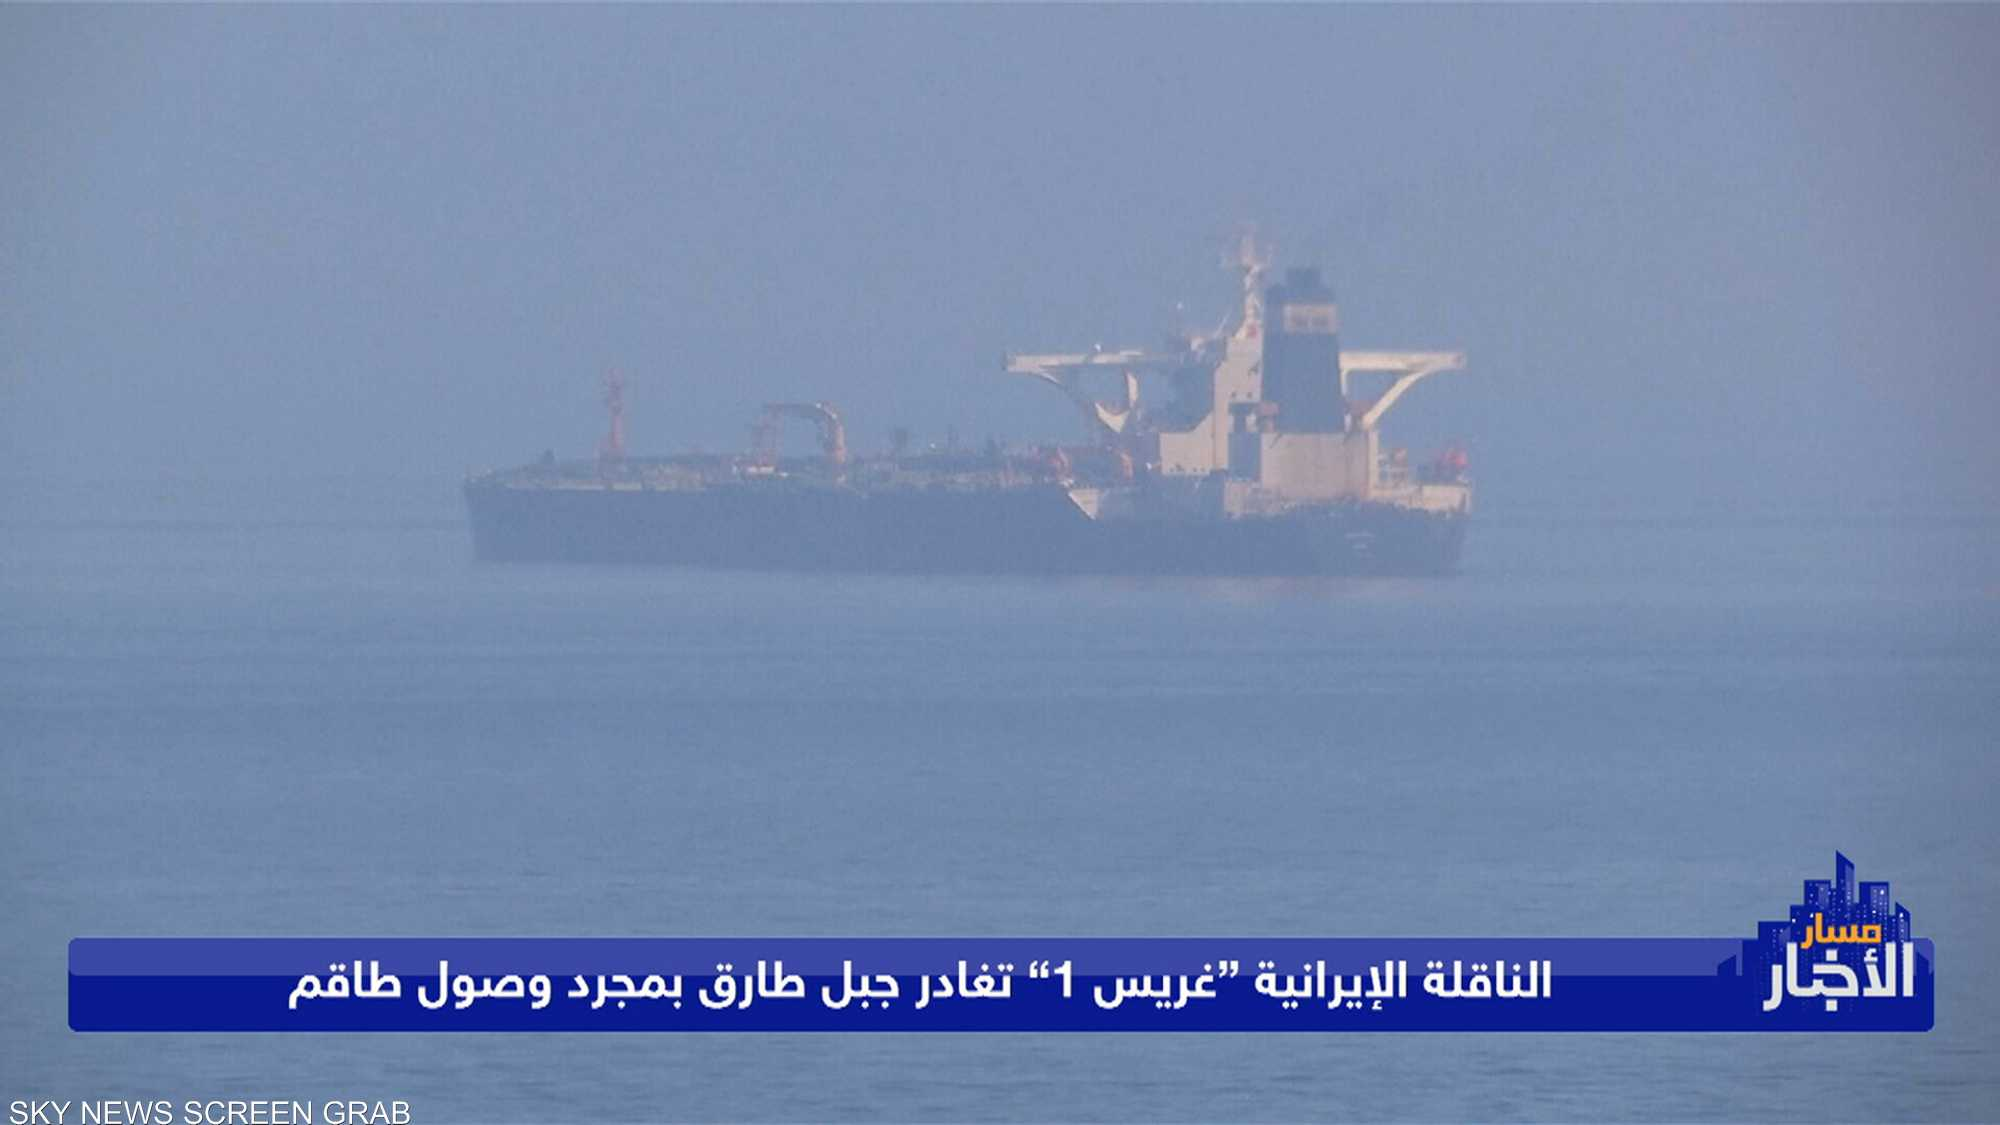 سلطات جبل طارق ترفض طلبا أميركيا باحتجاز الناقلة الإيرانية